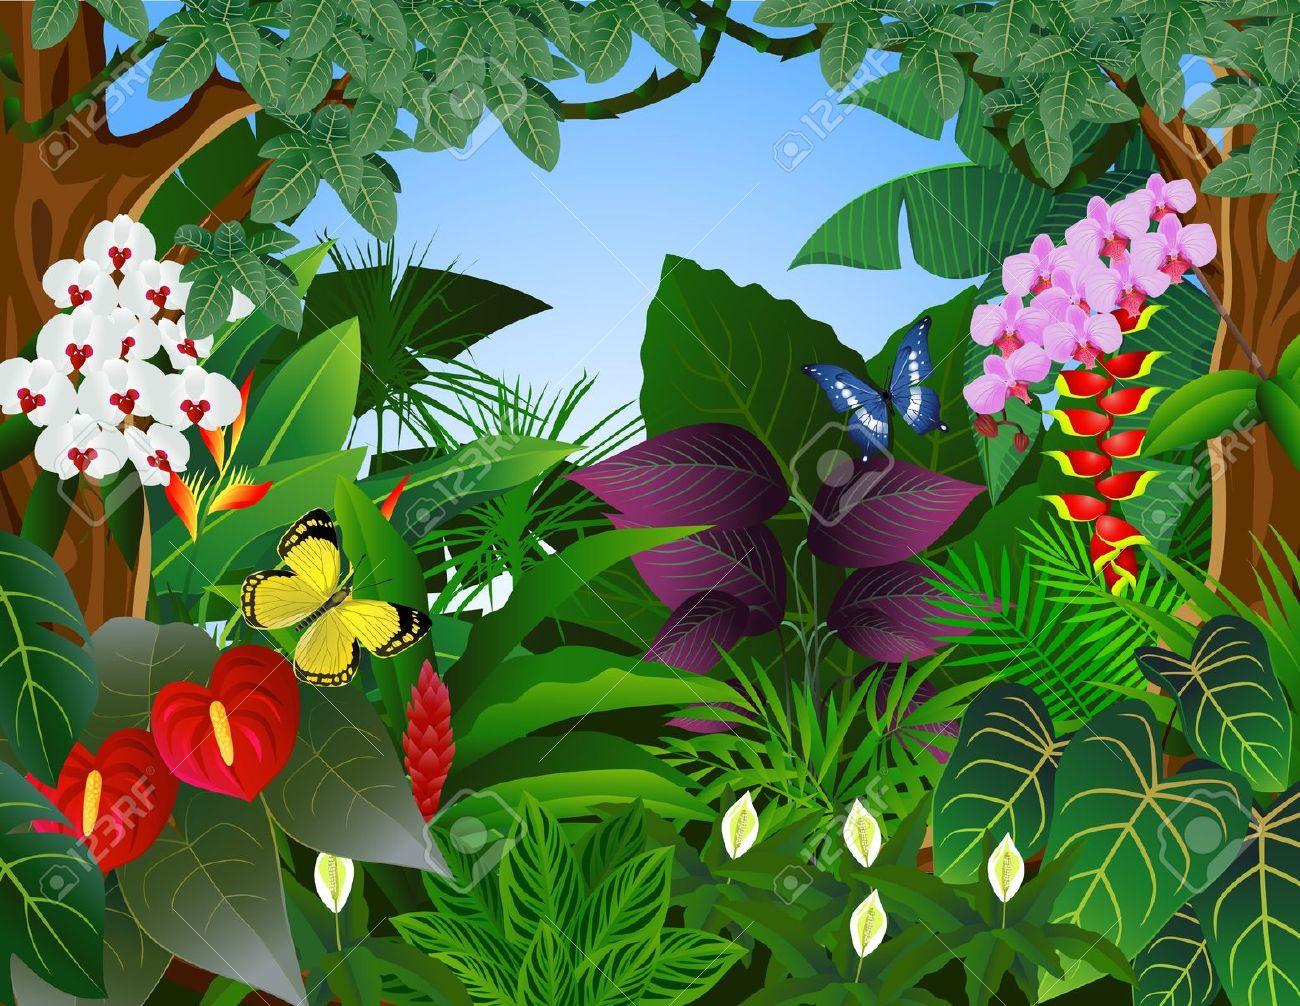 Rainforest Leaves Clipart Webnode-Rainforest leaves clipart webnode-7